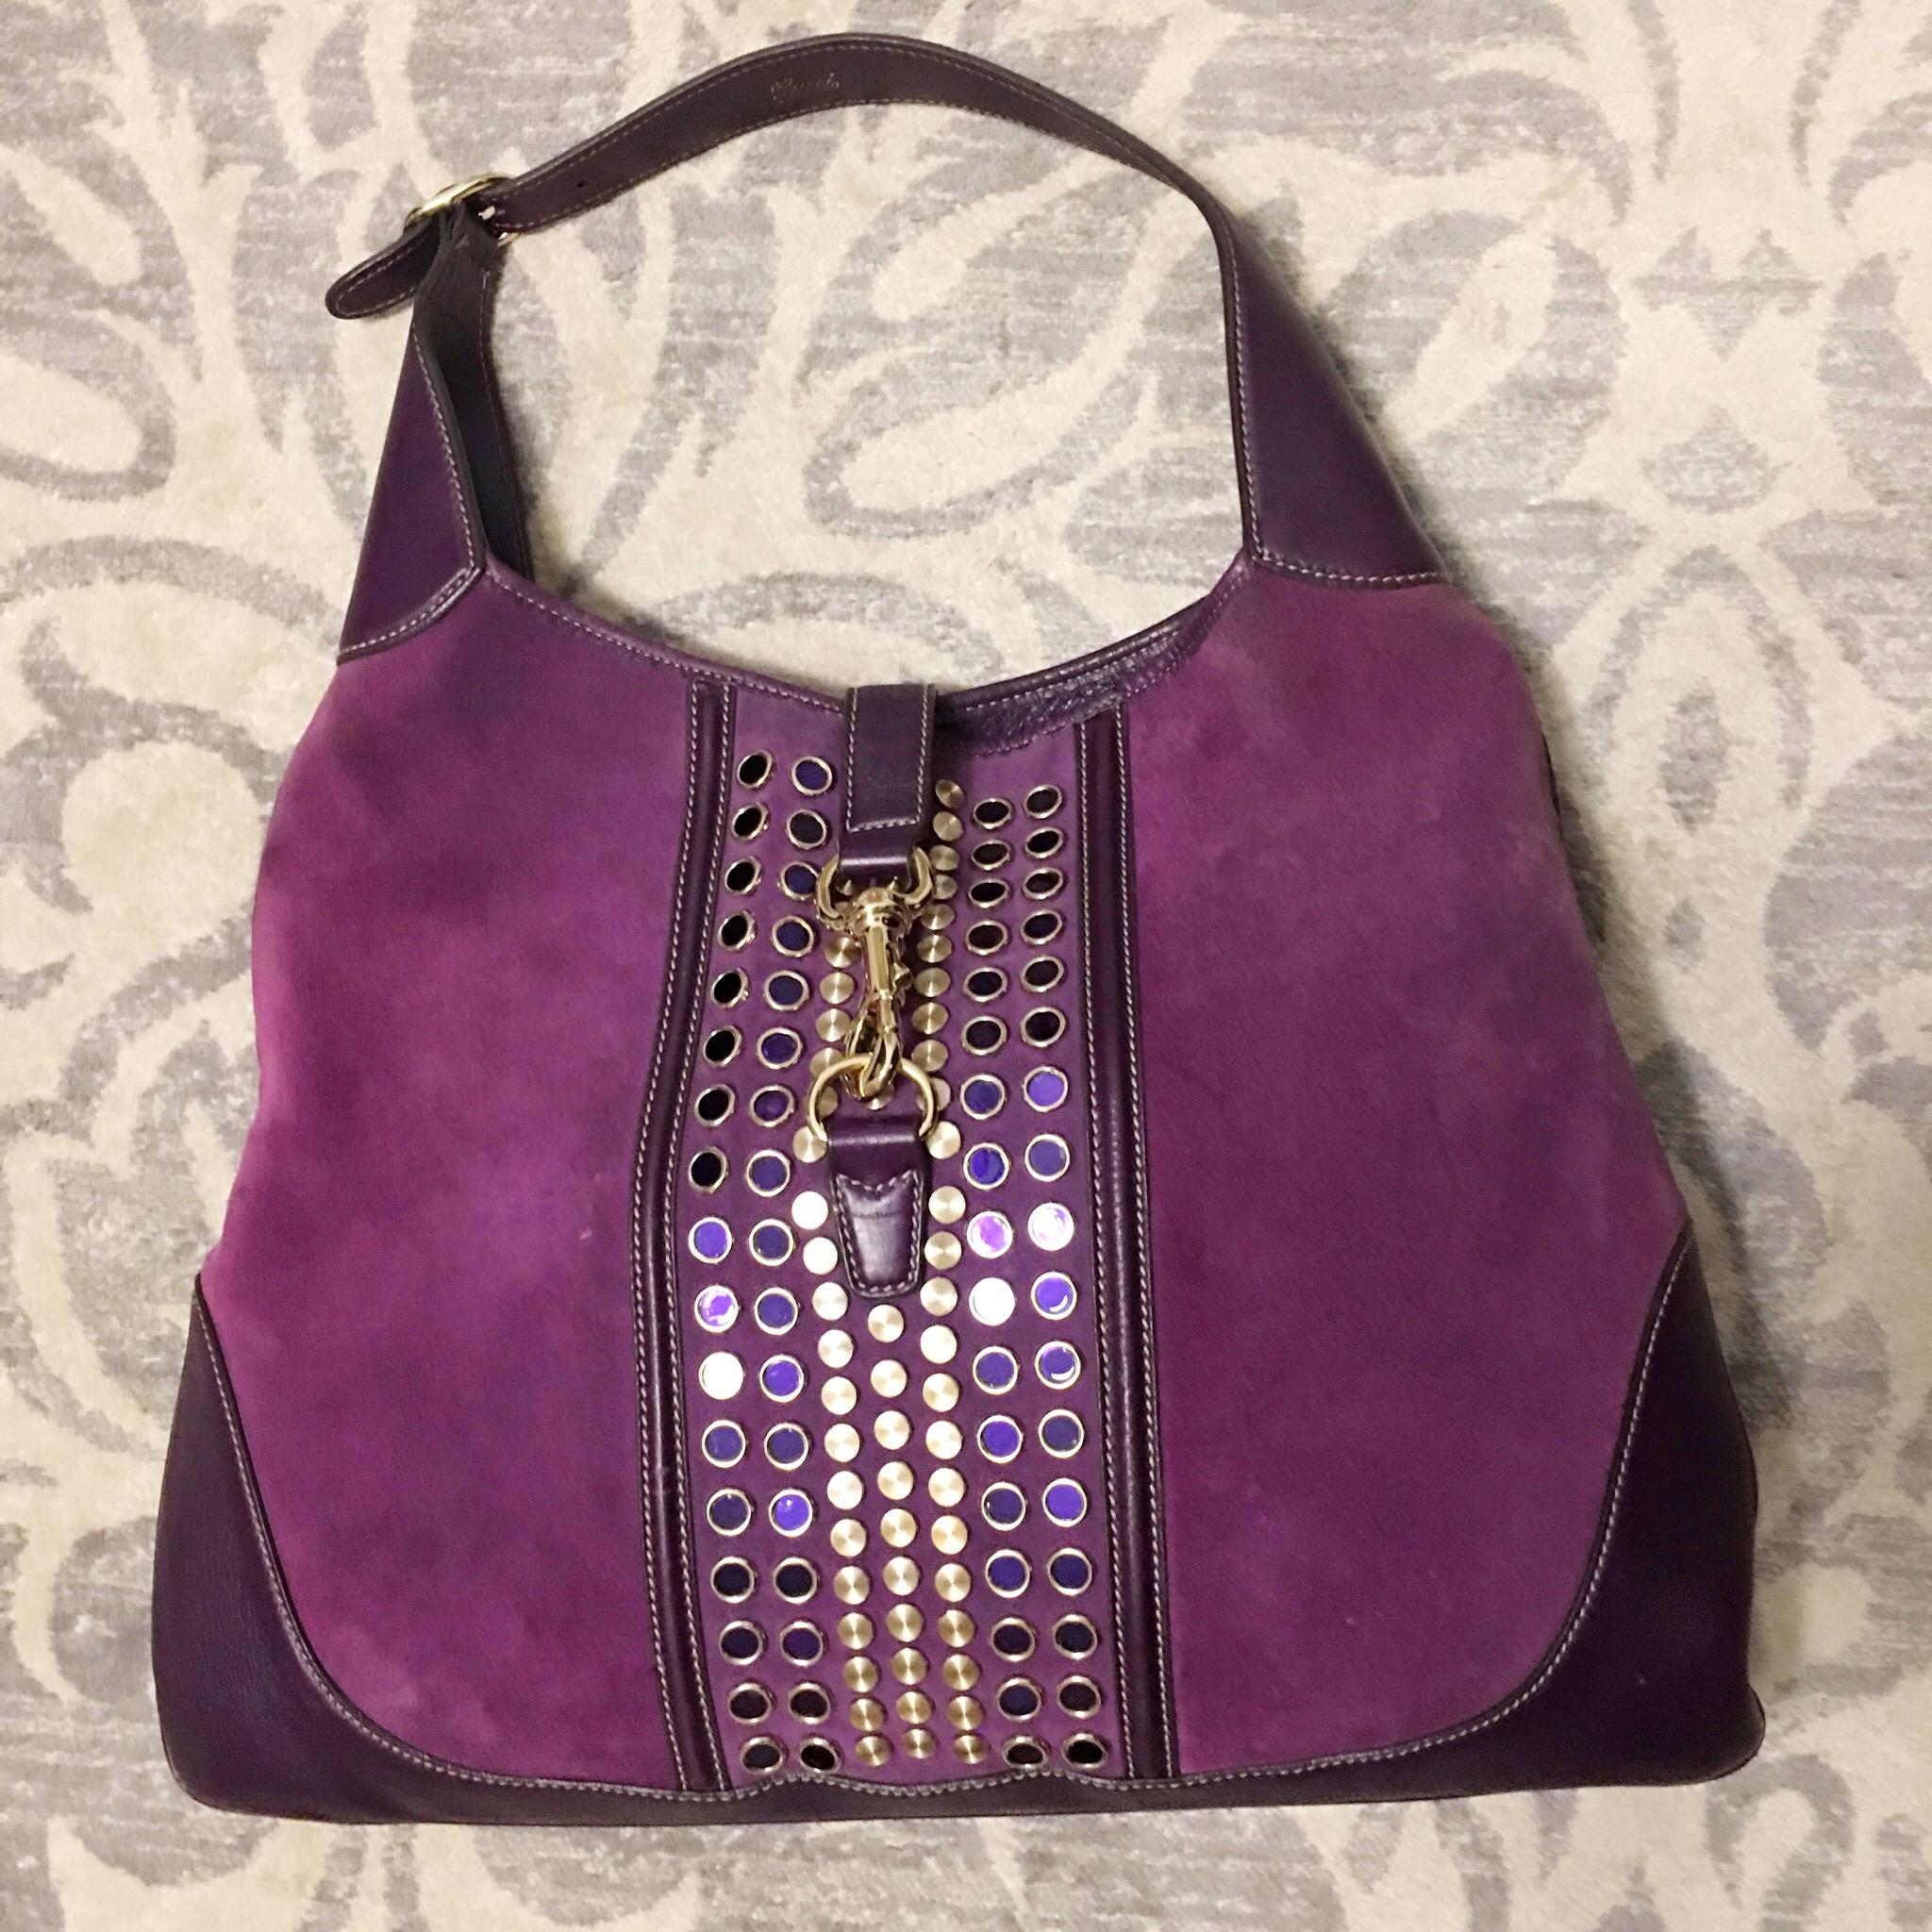 La mia borsa di Gucci viola presa su Vestiaire Collective